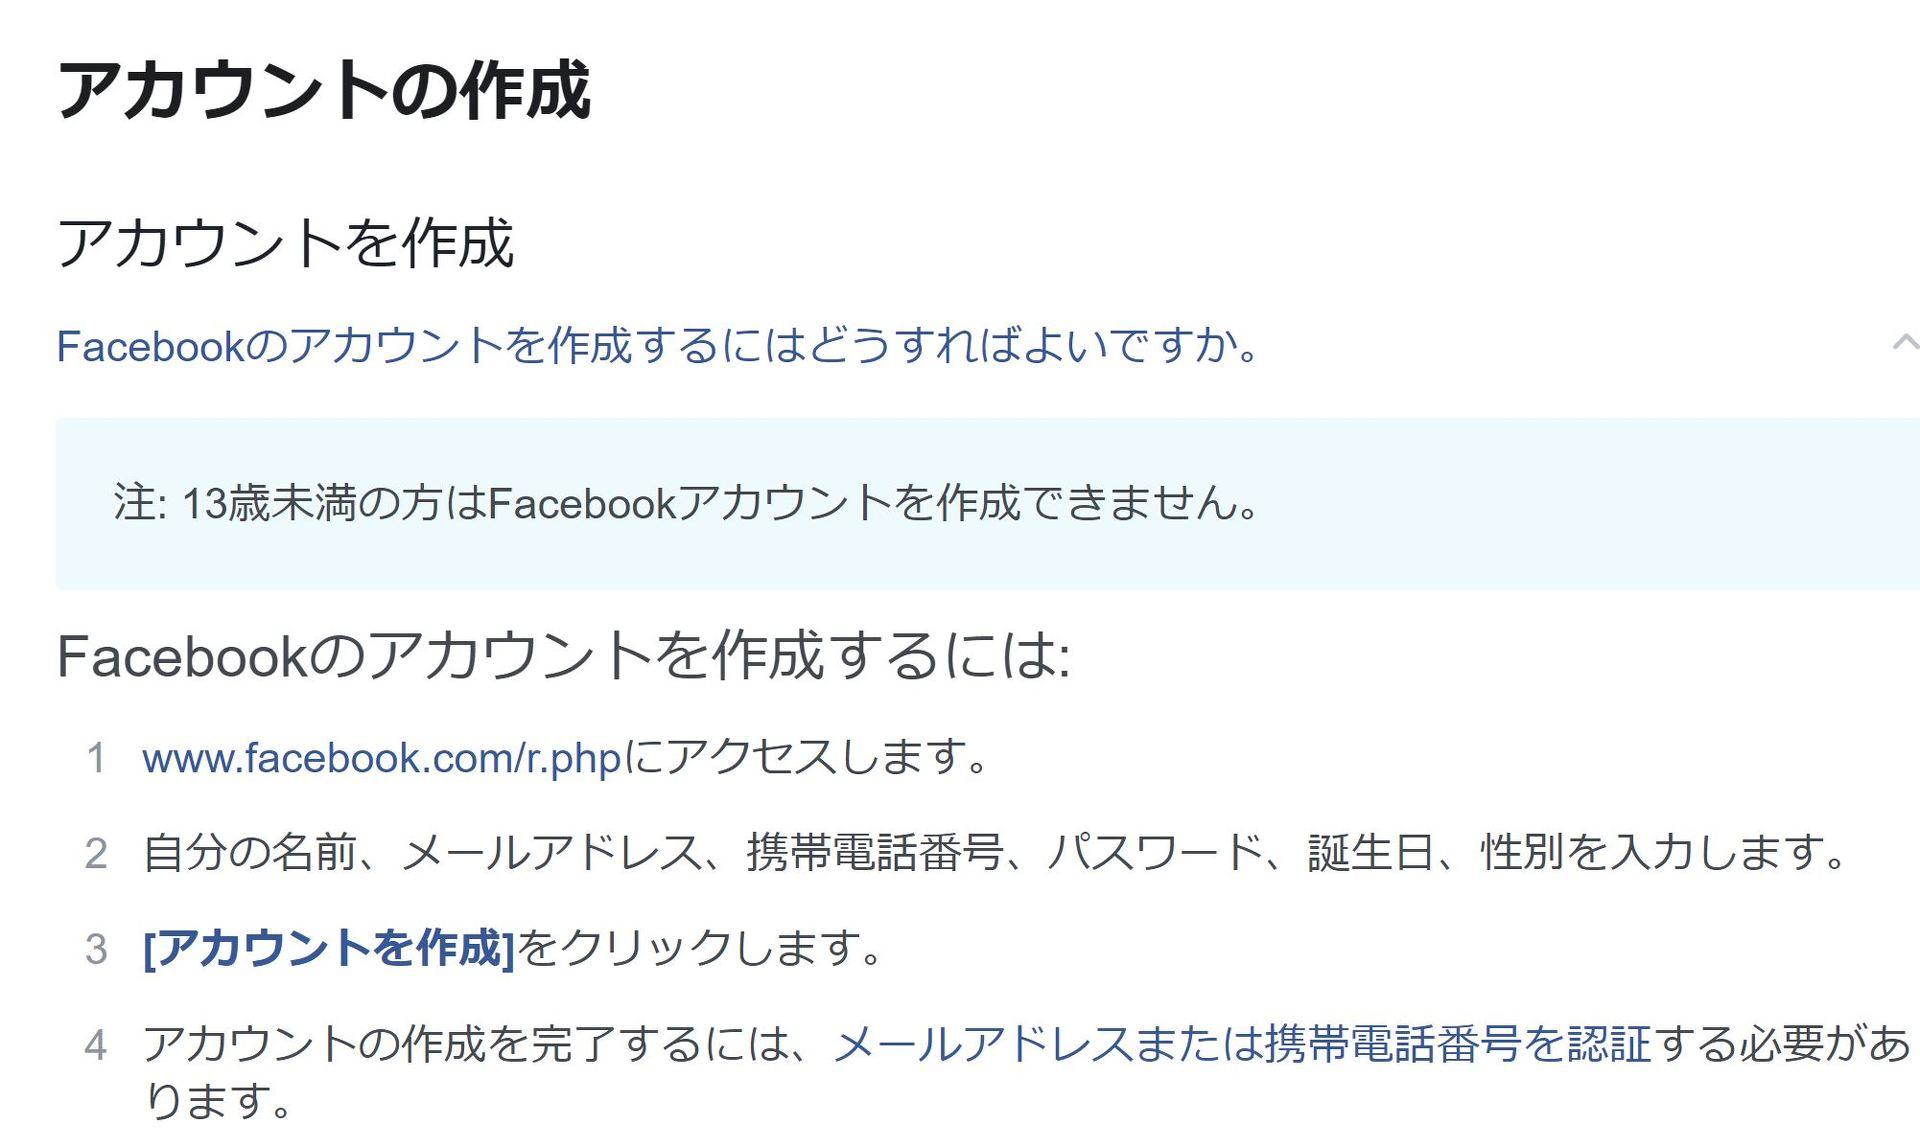 作成 facebook アカウント Facebookを電話番号なしで登録する手順!メールアドレスのみでアカウント取得!登録済みの電話番号の削除方法も